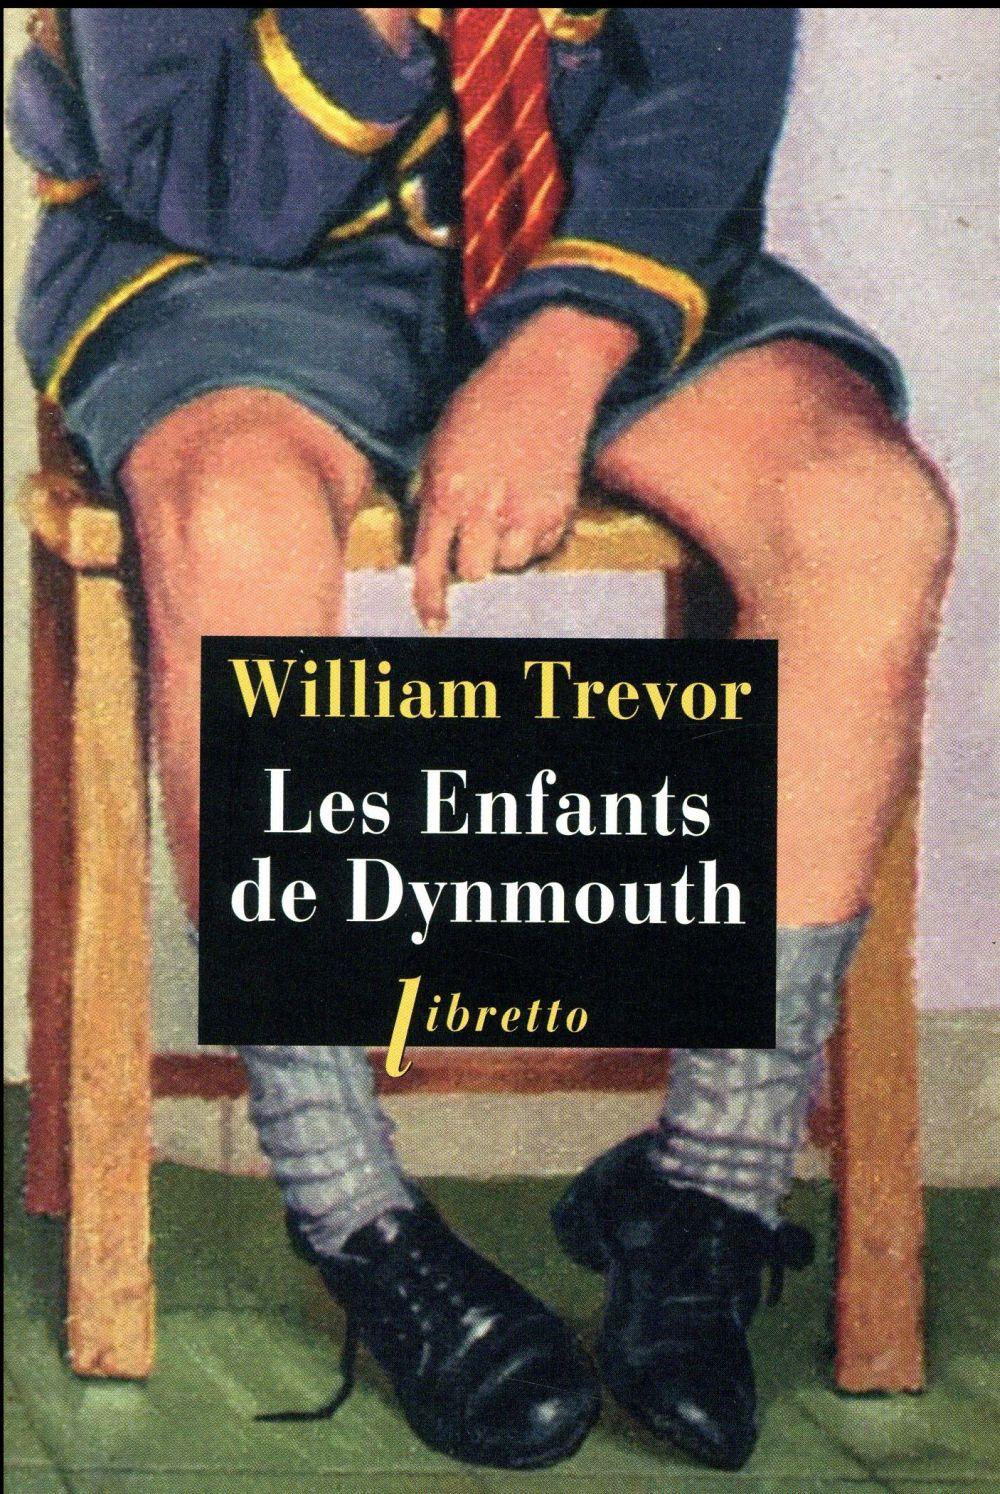 LES ENFANTS DE DYNMOUTH